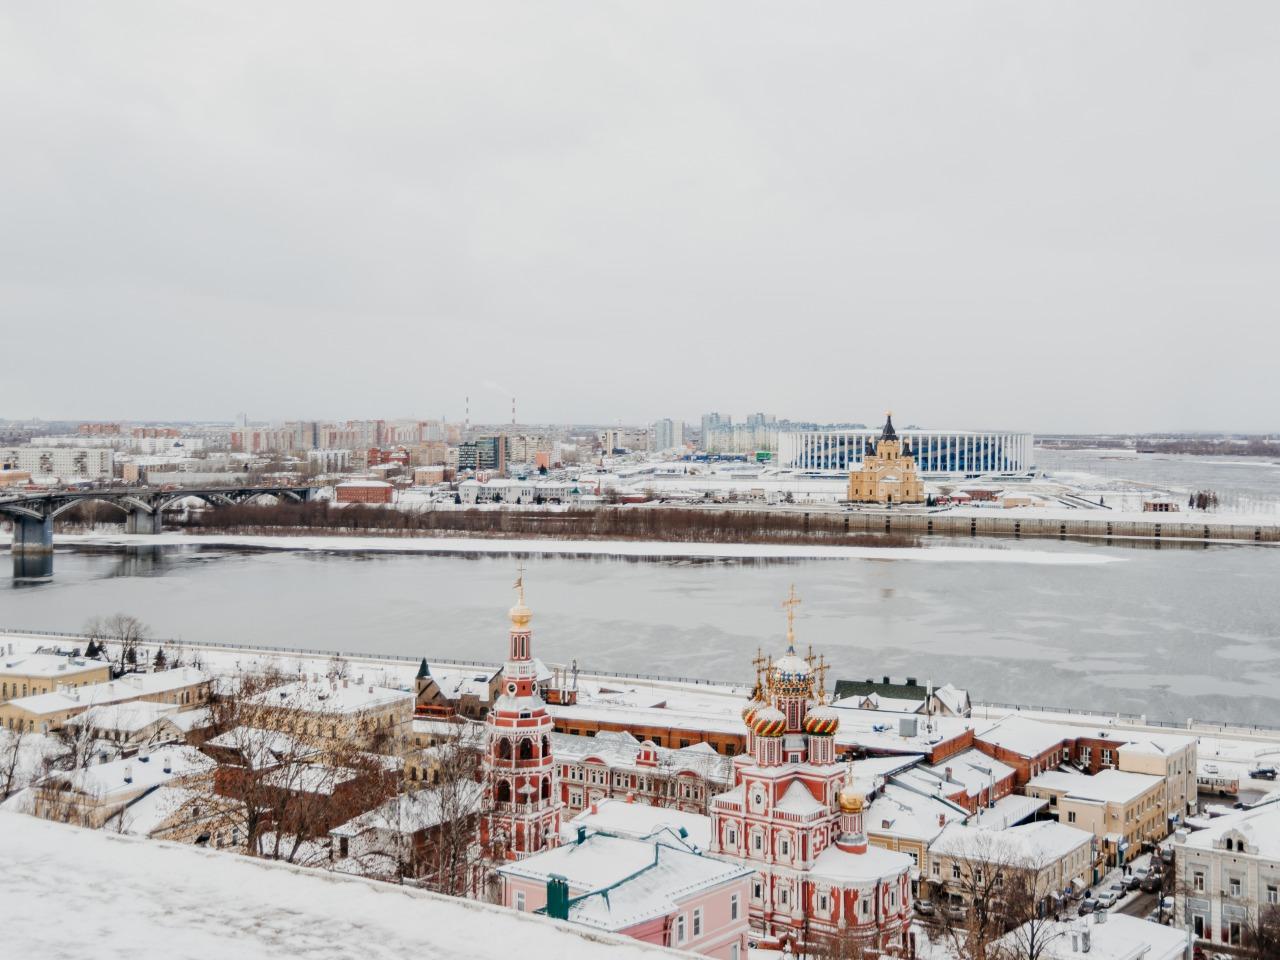 Прогулка по Нижнему Новгороду - индивидуальная экскурсия по Нижнему Новгороду от опытного гида